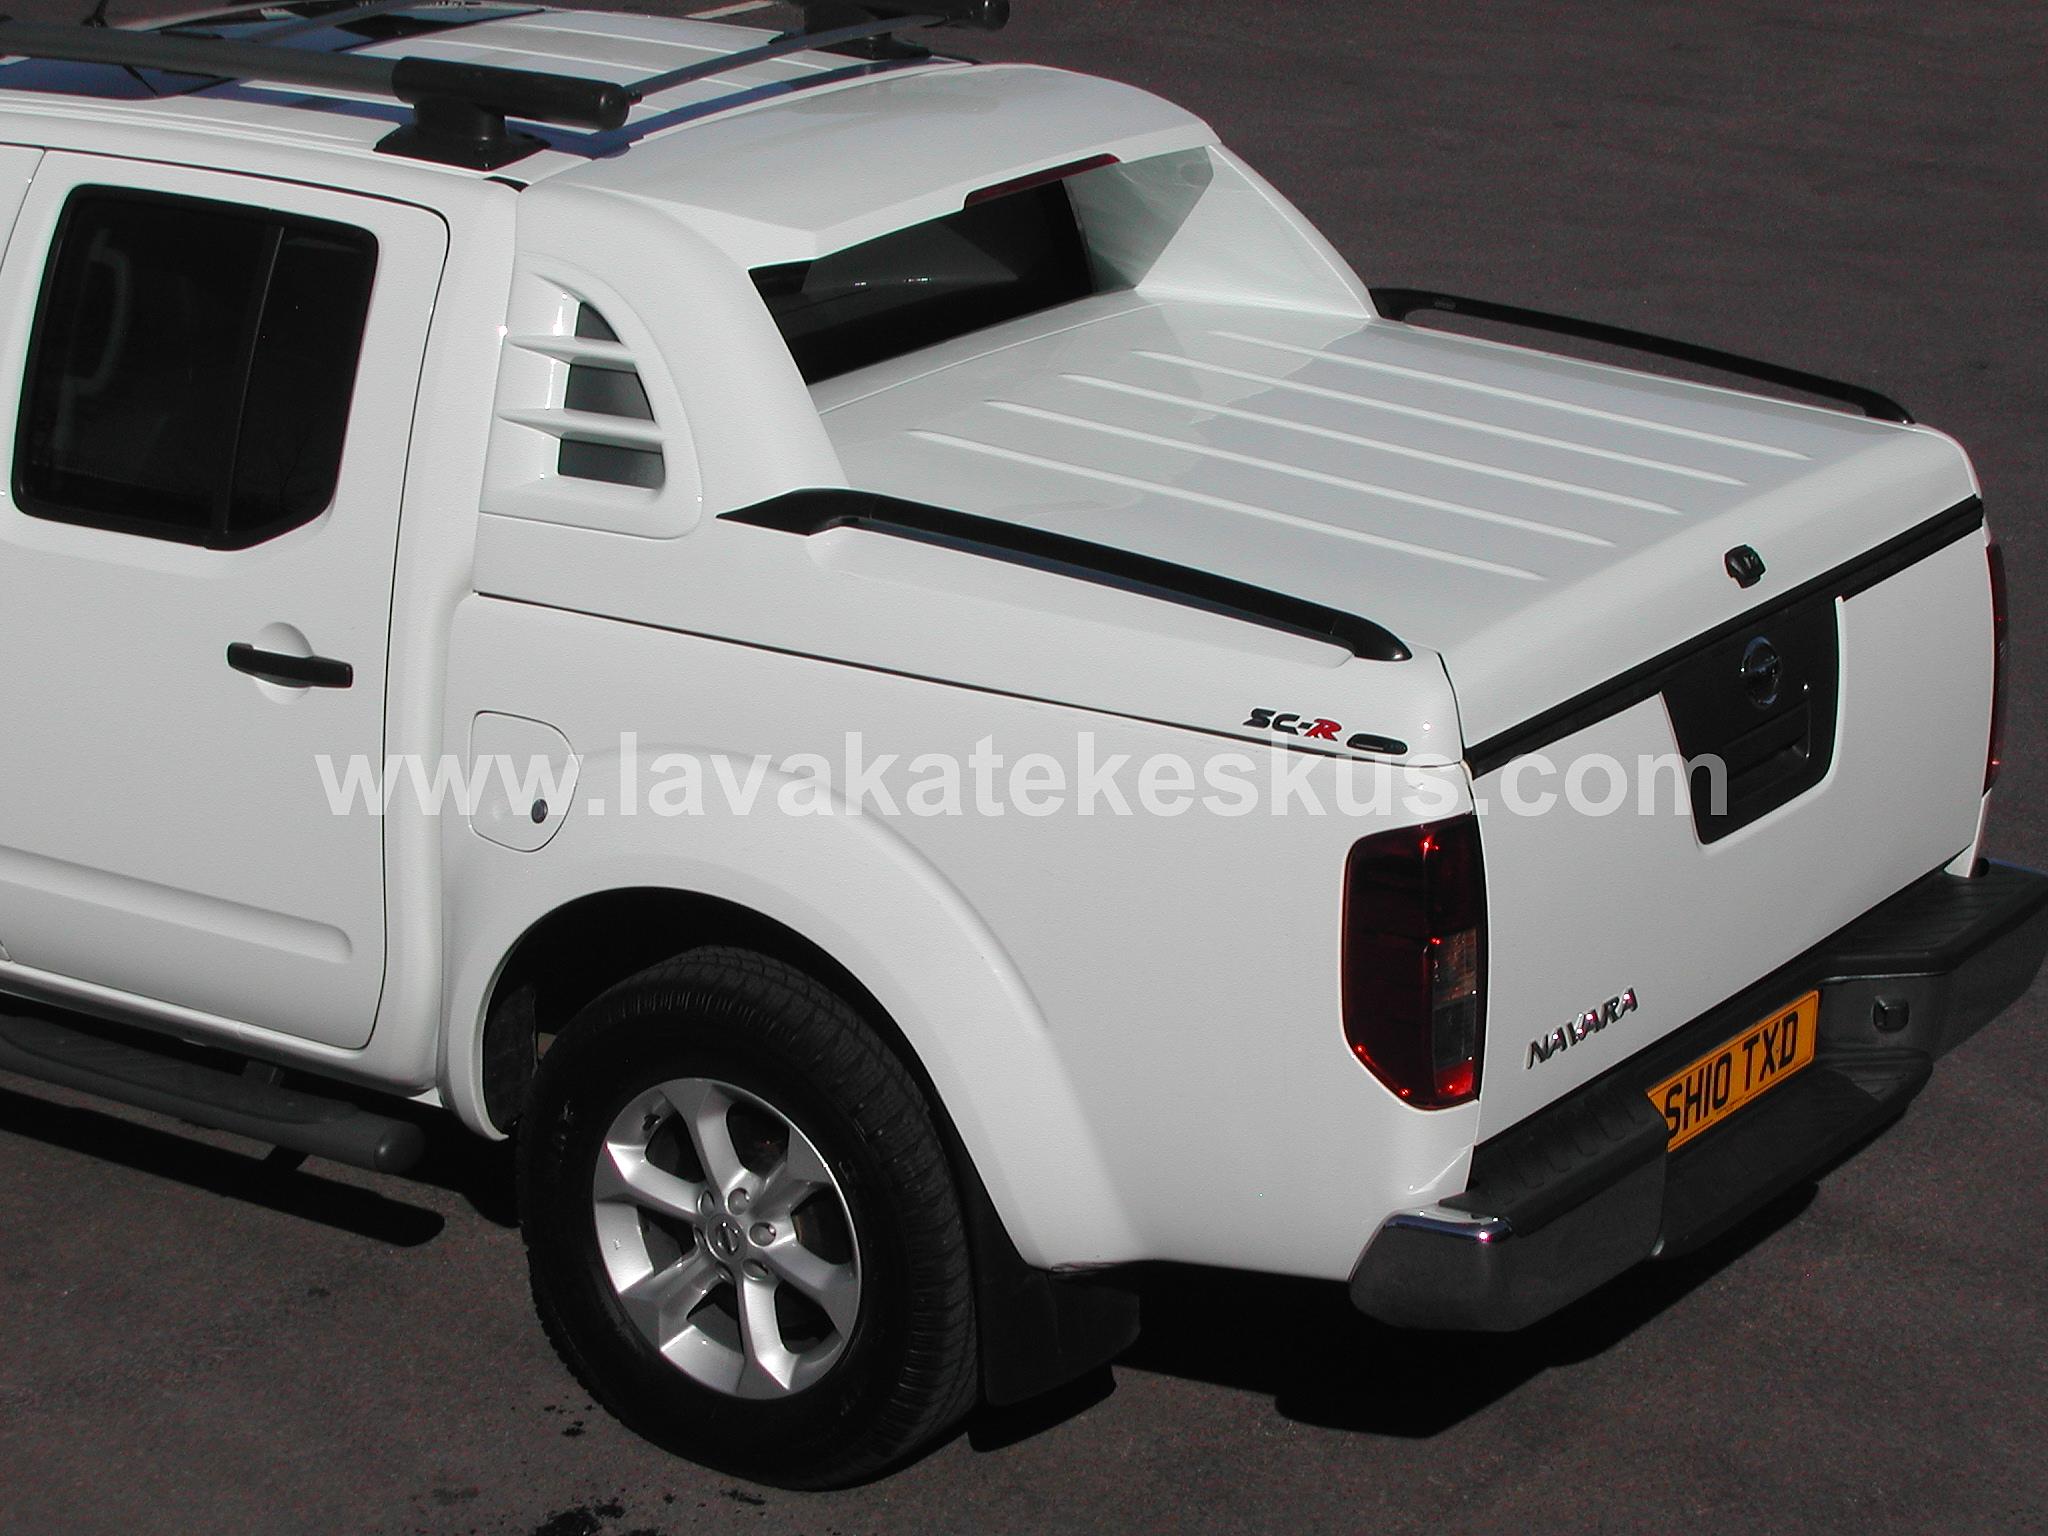 Ford Ranger Double Cab >> LAVAKATEKESKUS   FORD RANGER ALPHA LAVAKANNET